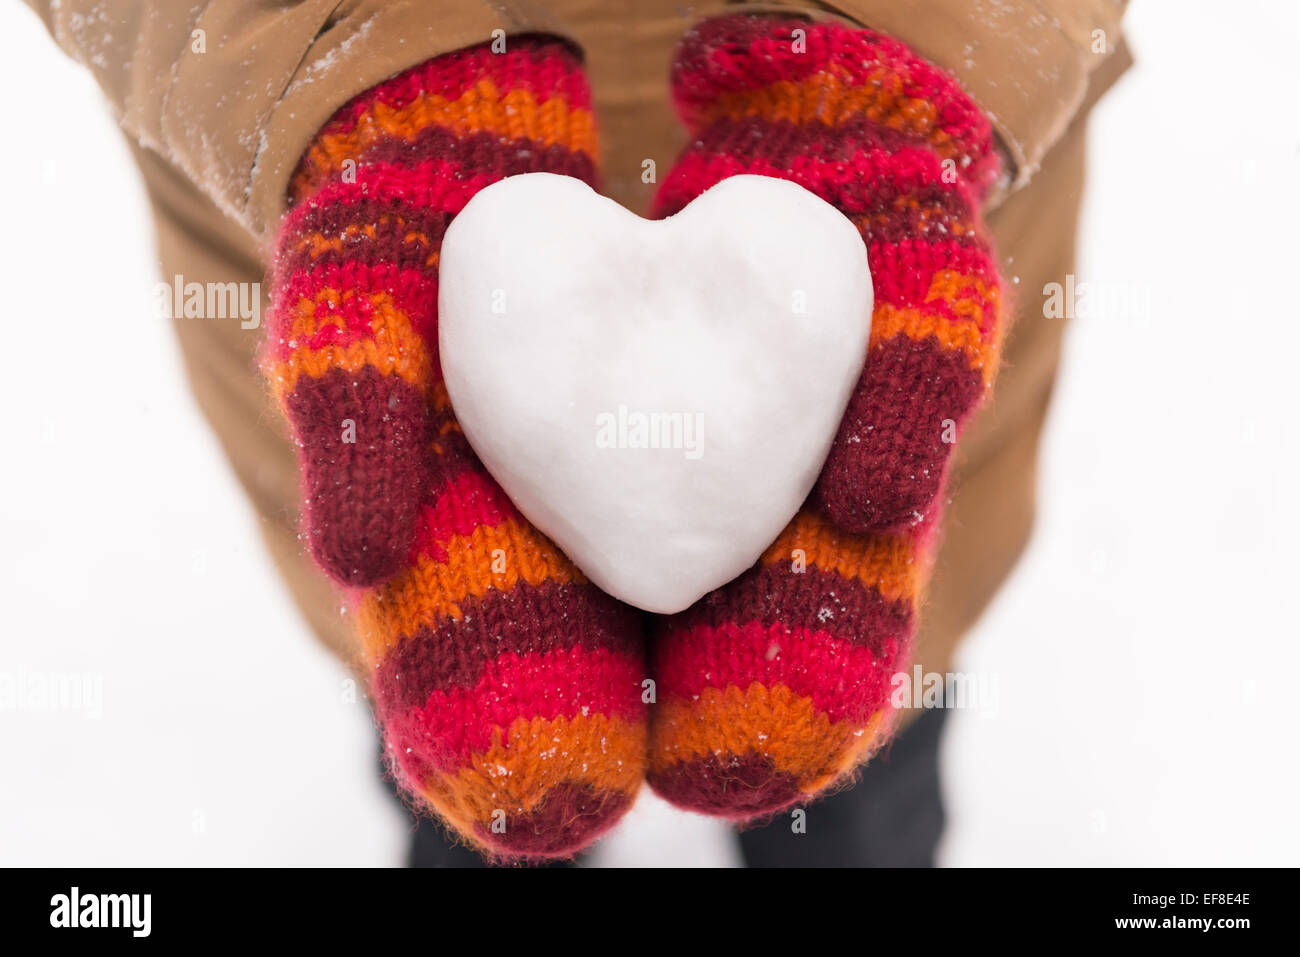 Frau in rote Handschuhe halten ein Herz aus Schnee, Nahaufnahme, Hände, romantisches Konzept gemacht Stockbild